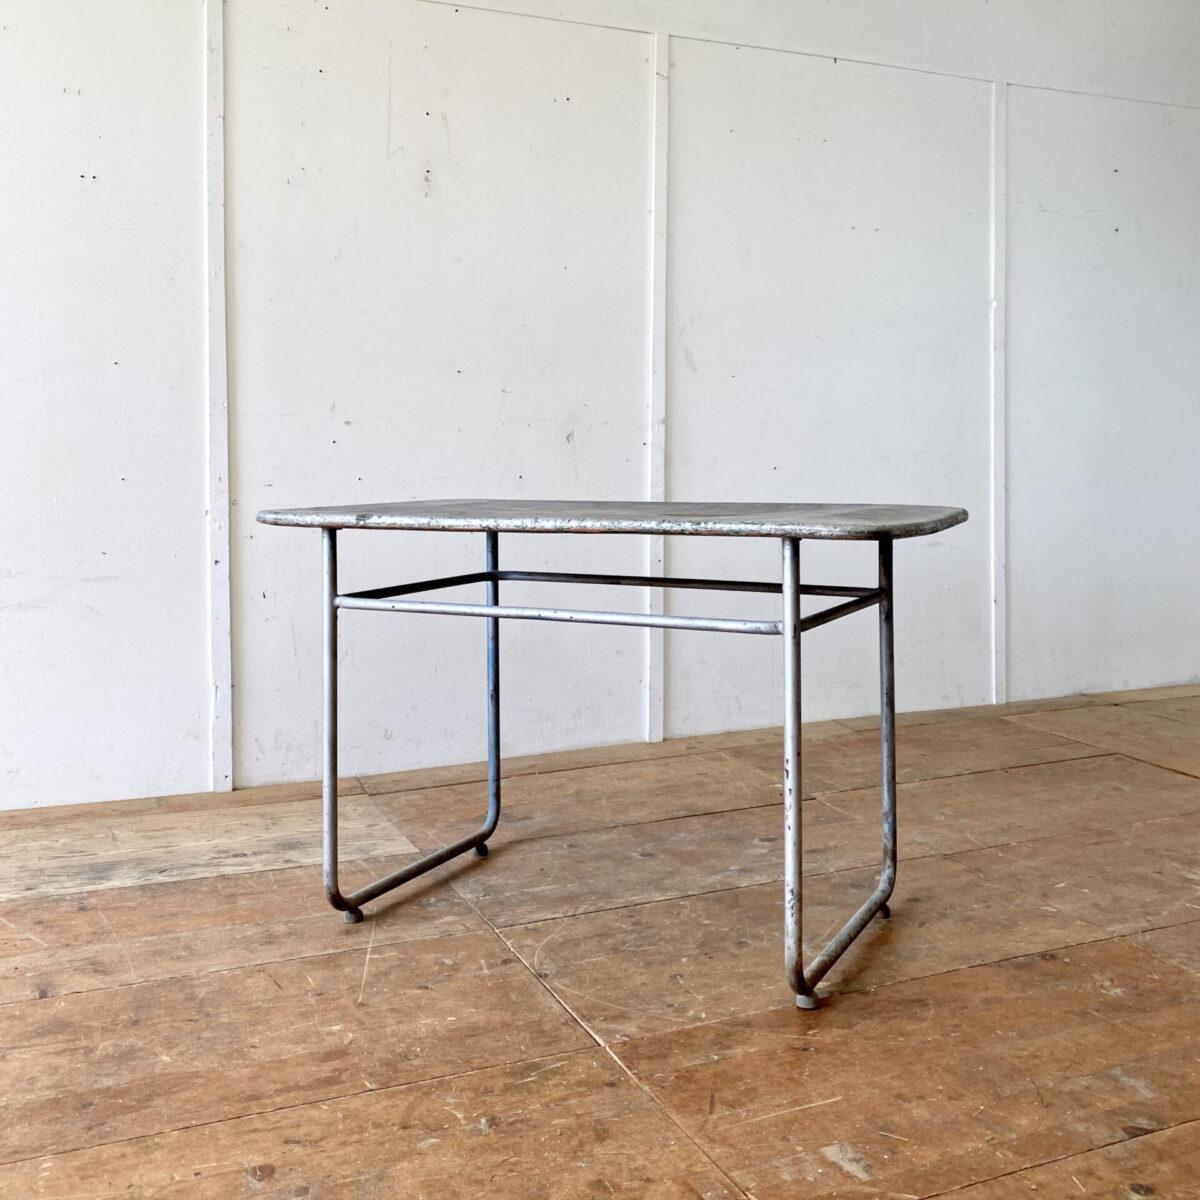 Deuxieme.shop Embru Bigla Gartentisch Swiss designklassiker. Vintage Metall Gartentisch mit gebogenem Stahlrohr Gestell. 120x70cm Höhe 76cm. Das Tischblatt ist ziemlich eingebeult, könnte mit einem Blech neu belegt werden. Die Patina und Unebenheit hat aber auch ihren Reiz. Die Stahlkufen haben angeschnittene Kugel Füsse. Ein Hersteller ist nicht ersichtlich, Ähnliches haben wir von Bigla oder Embru gefunden.